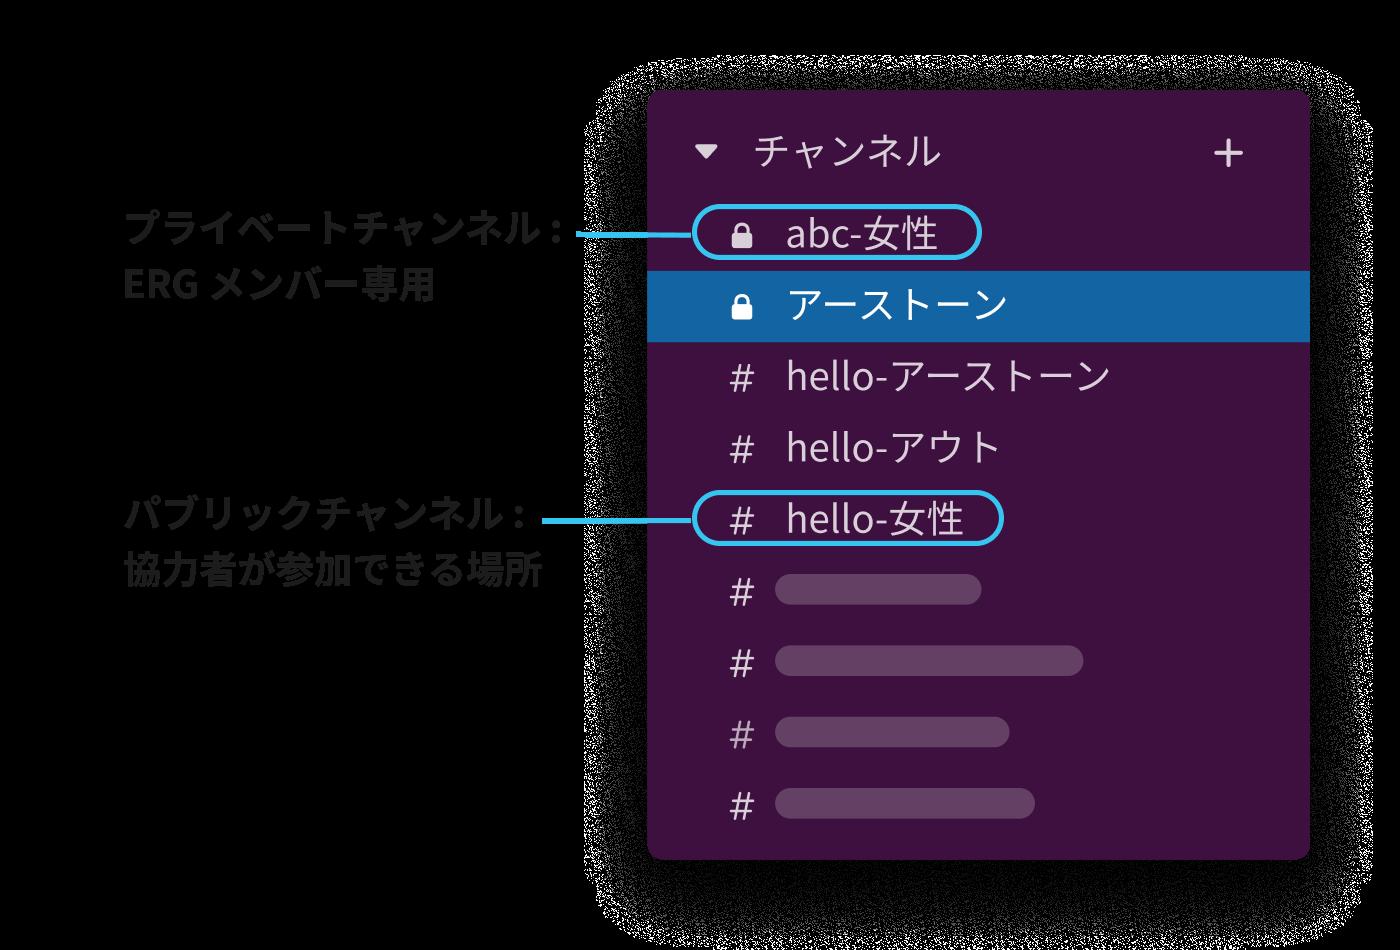 従業員リソースグループのパブリックおよびプライベート Slack チャンネルを表示する Slack のサイドバー